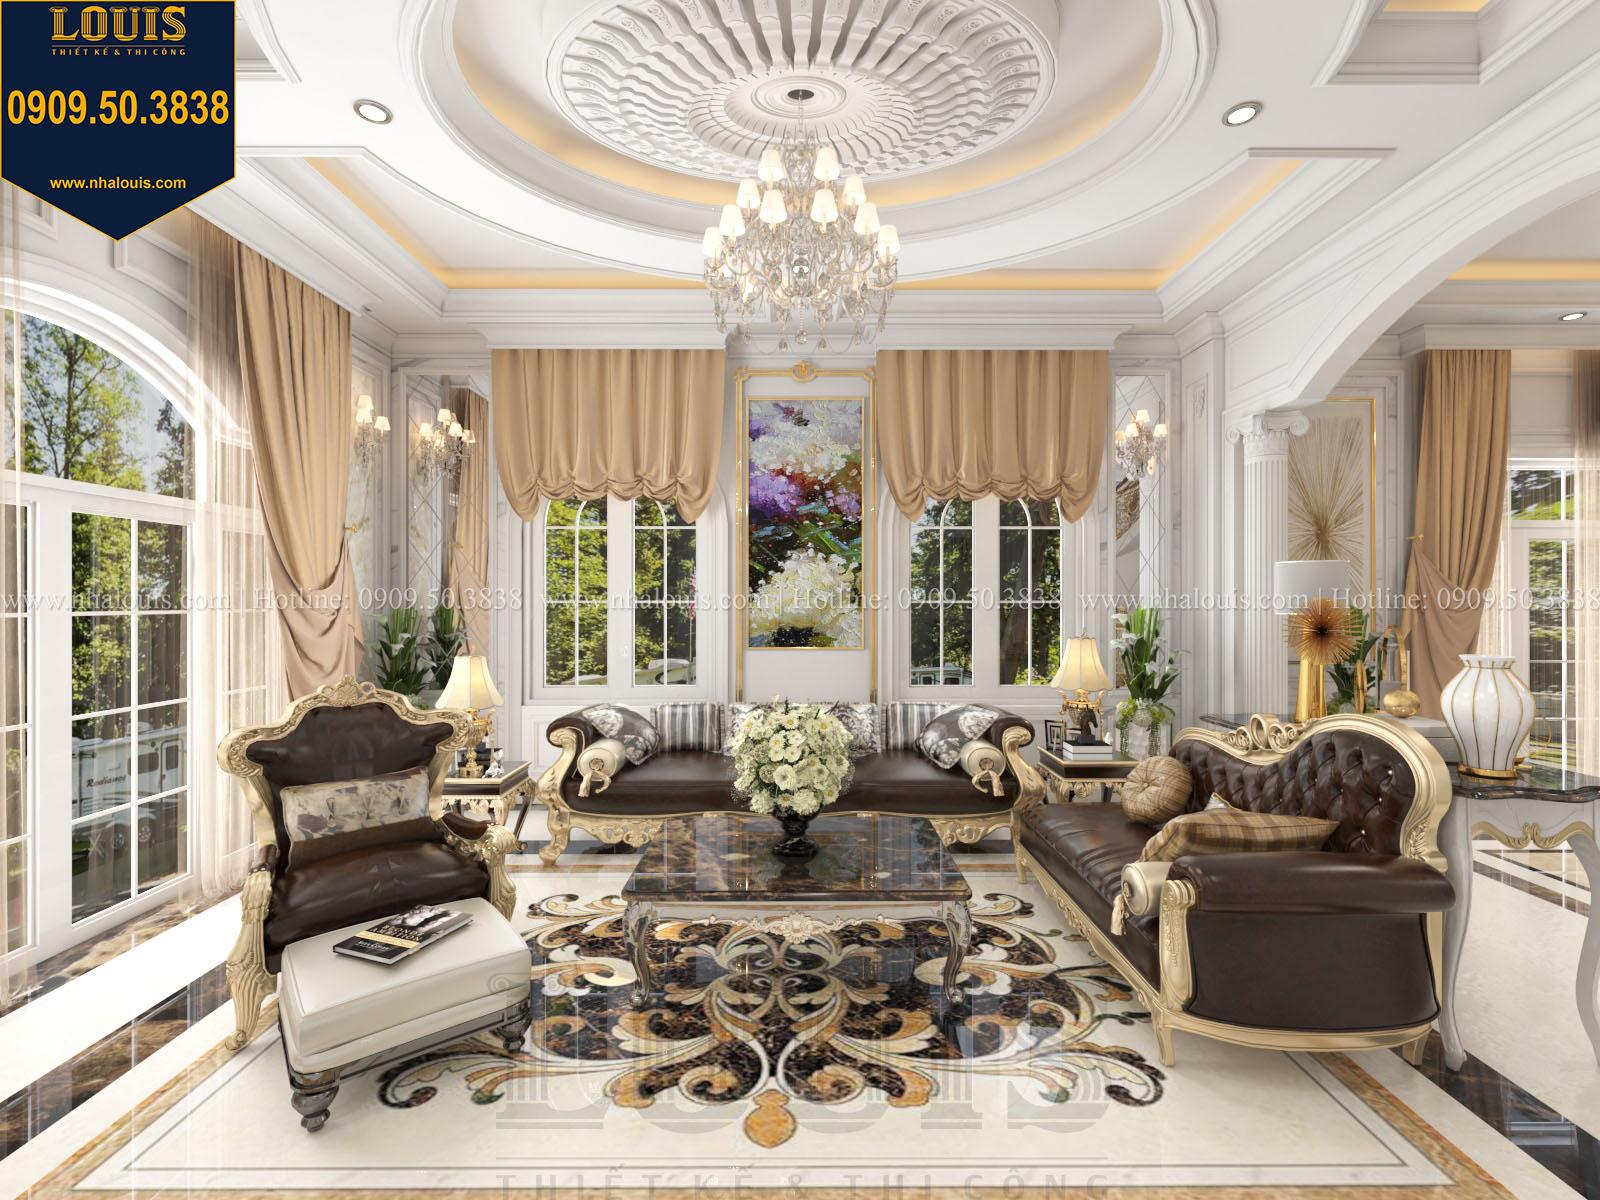 Phòng khách biệt thự 2 tầng đẹp - 013